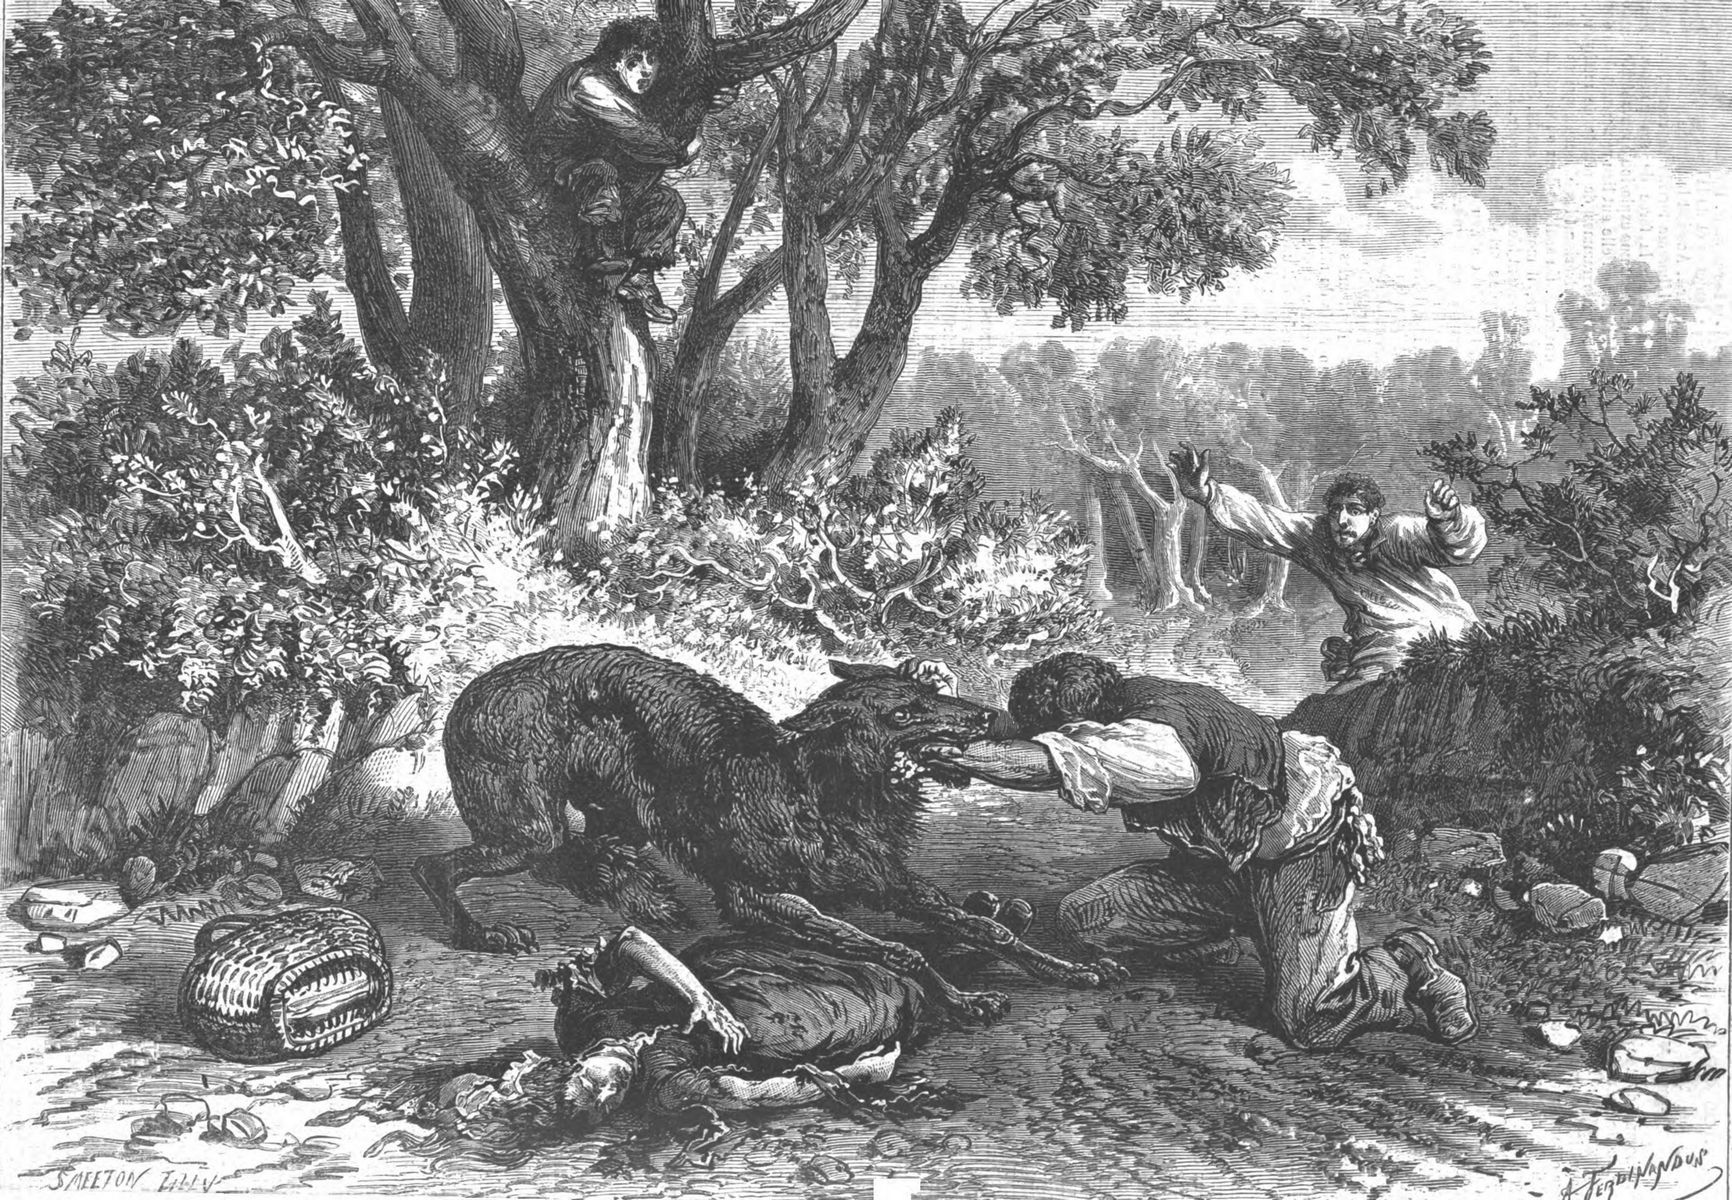 Le drame de la Rochette (Charente) : un loup enragé, trois victimes.